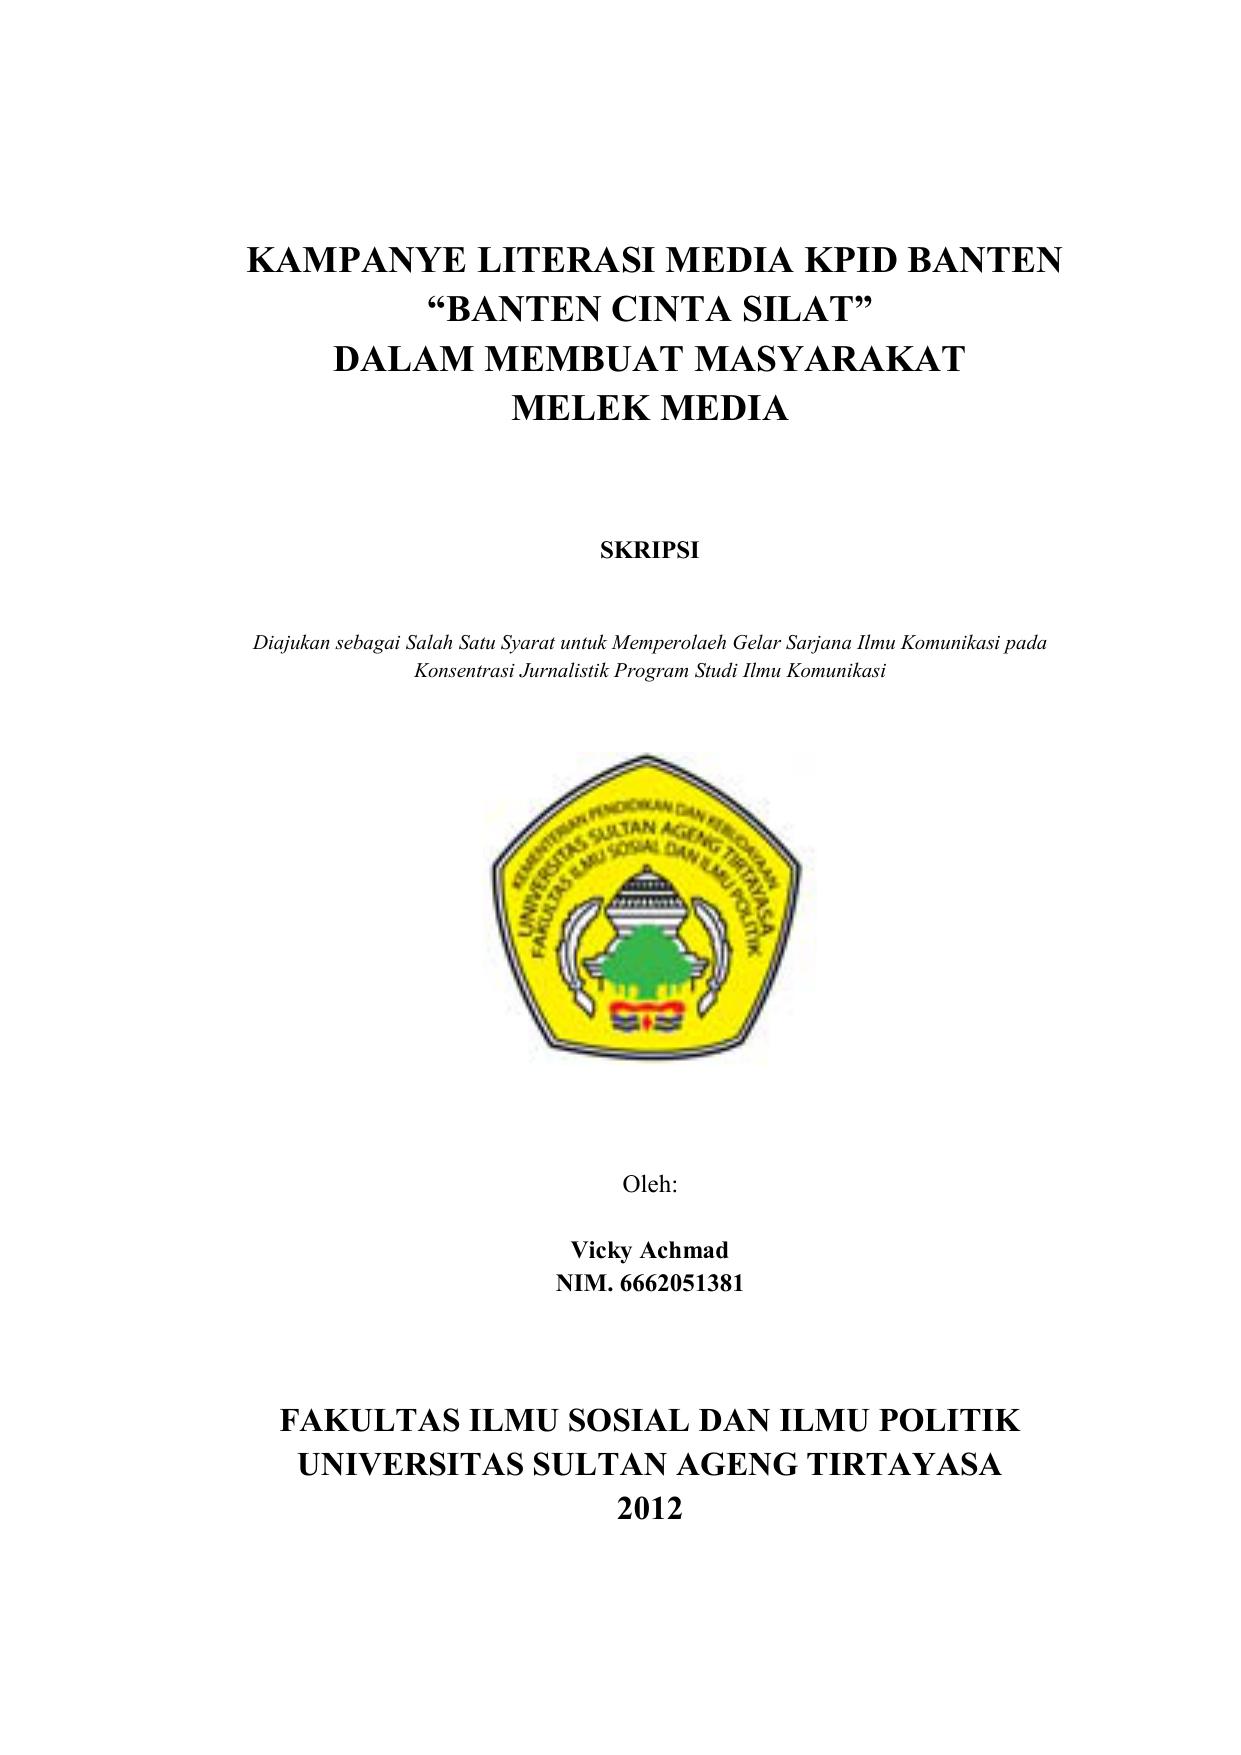 Kampanye Literasi Media Kpid Banten Banten Cinta Silat Dalam